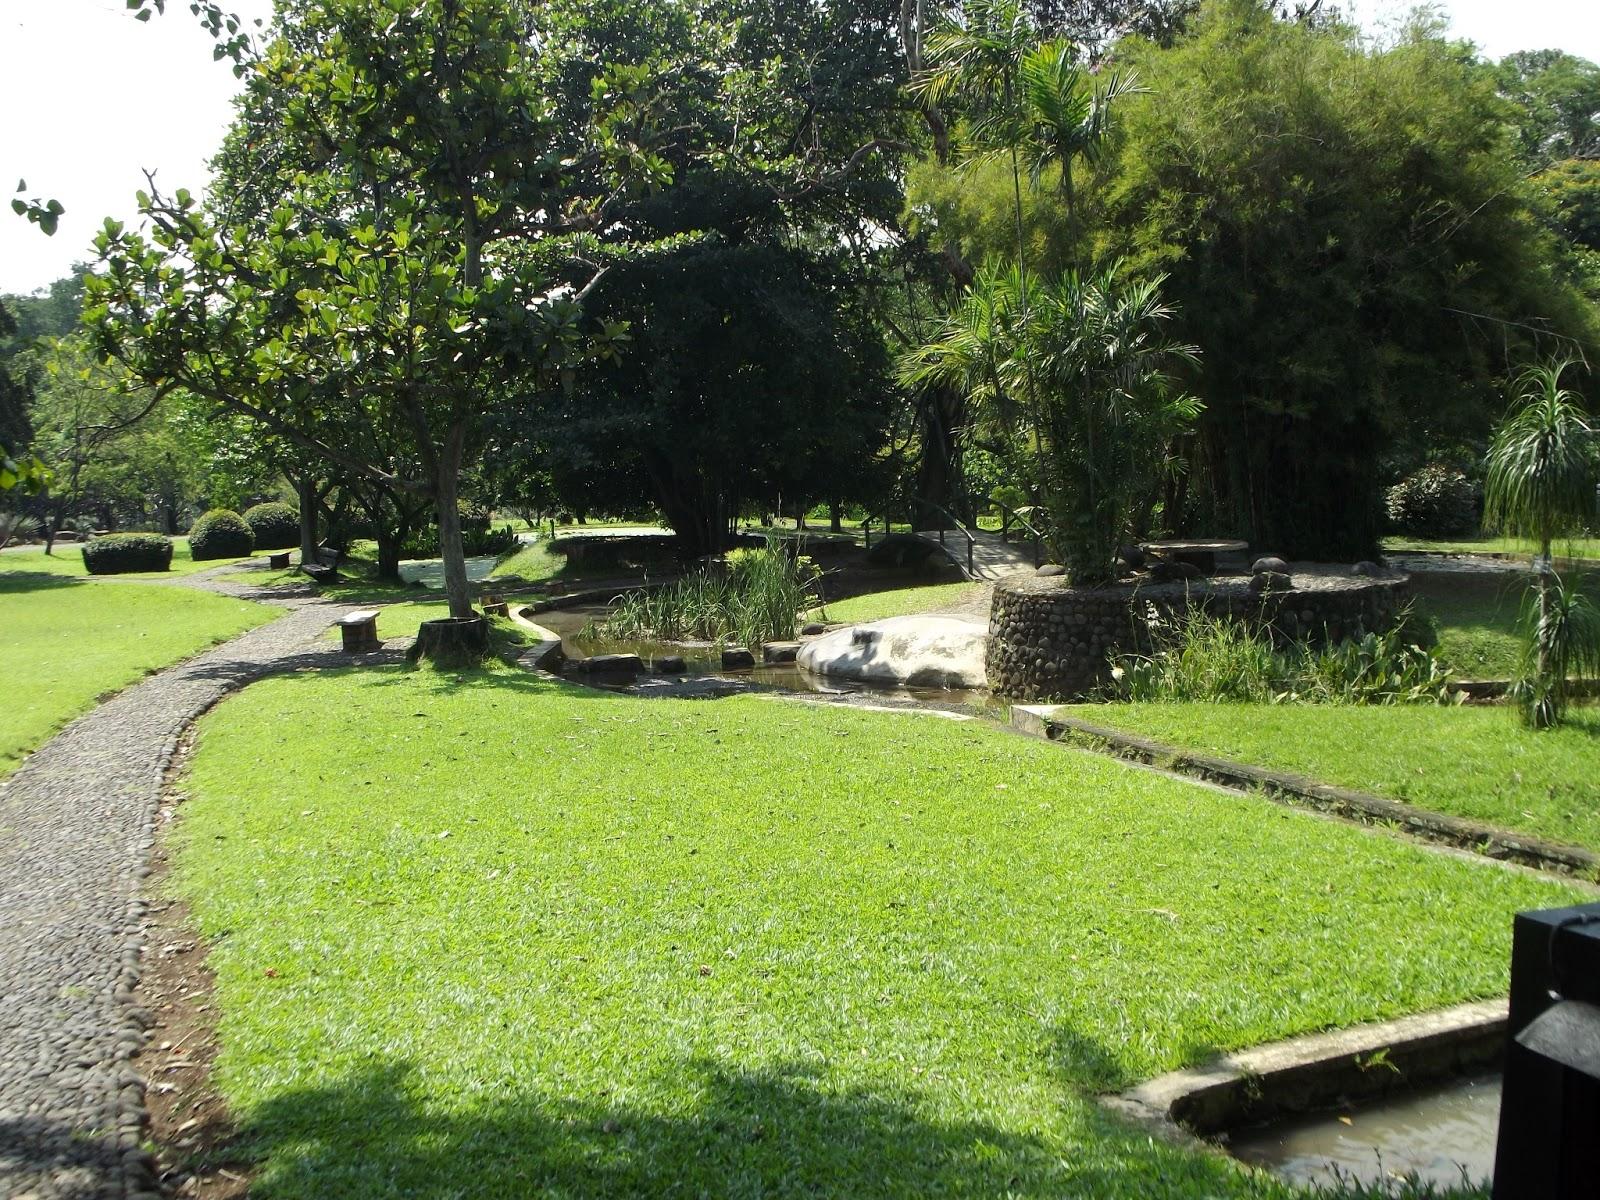 Rekomendasi Tempat Wisata Makan Kebun Raya Purwodadi Terletak Tepi Jalur